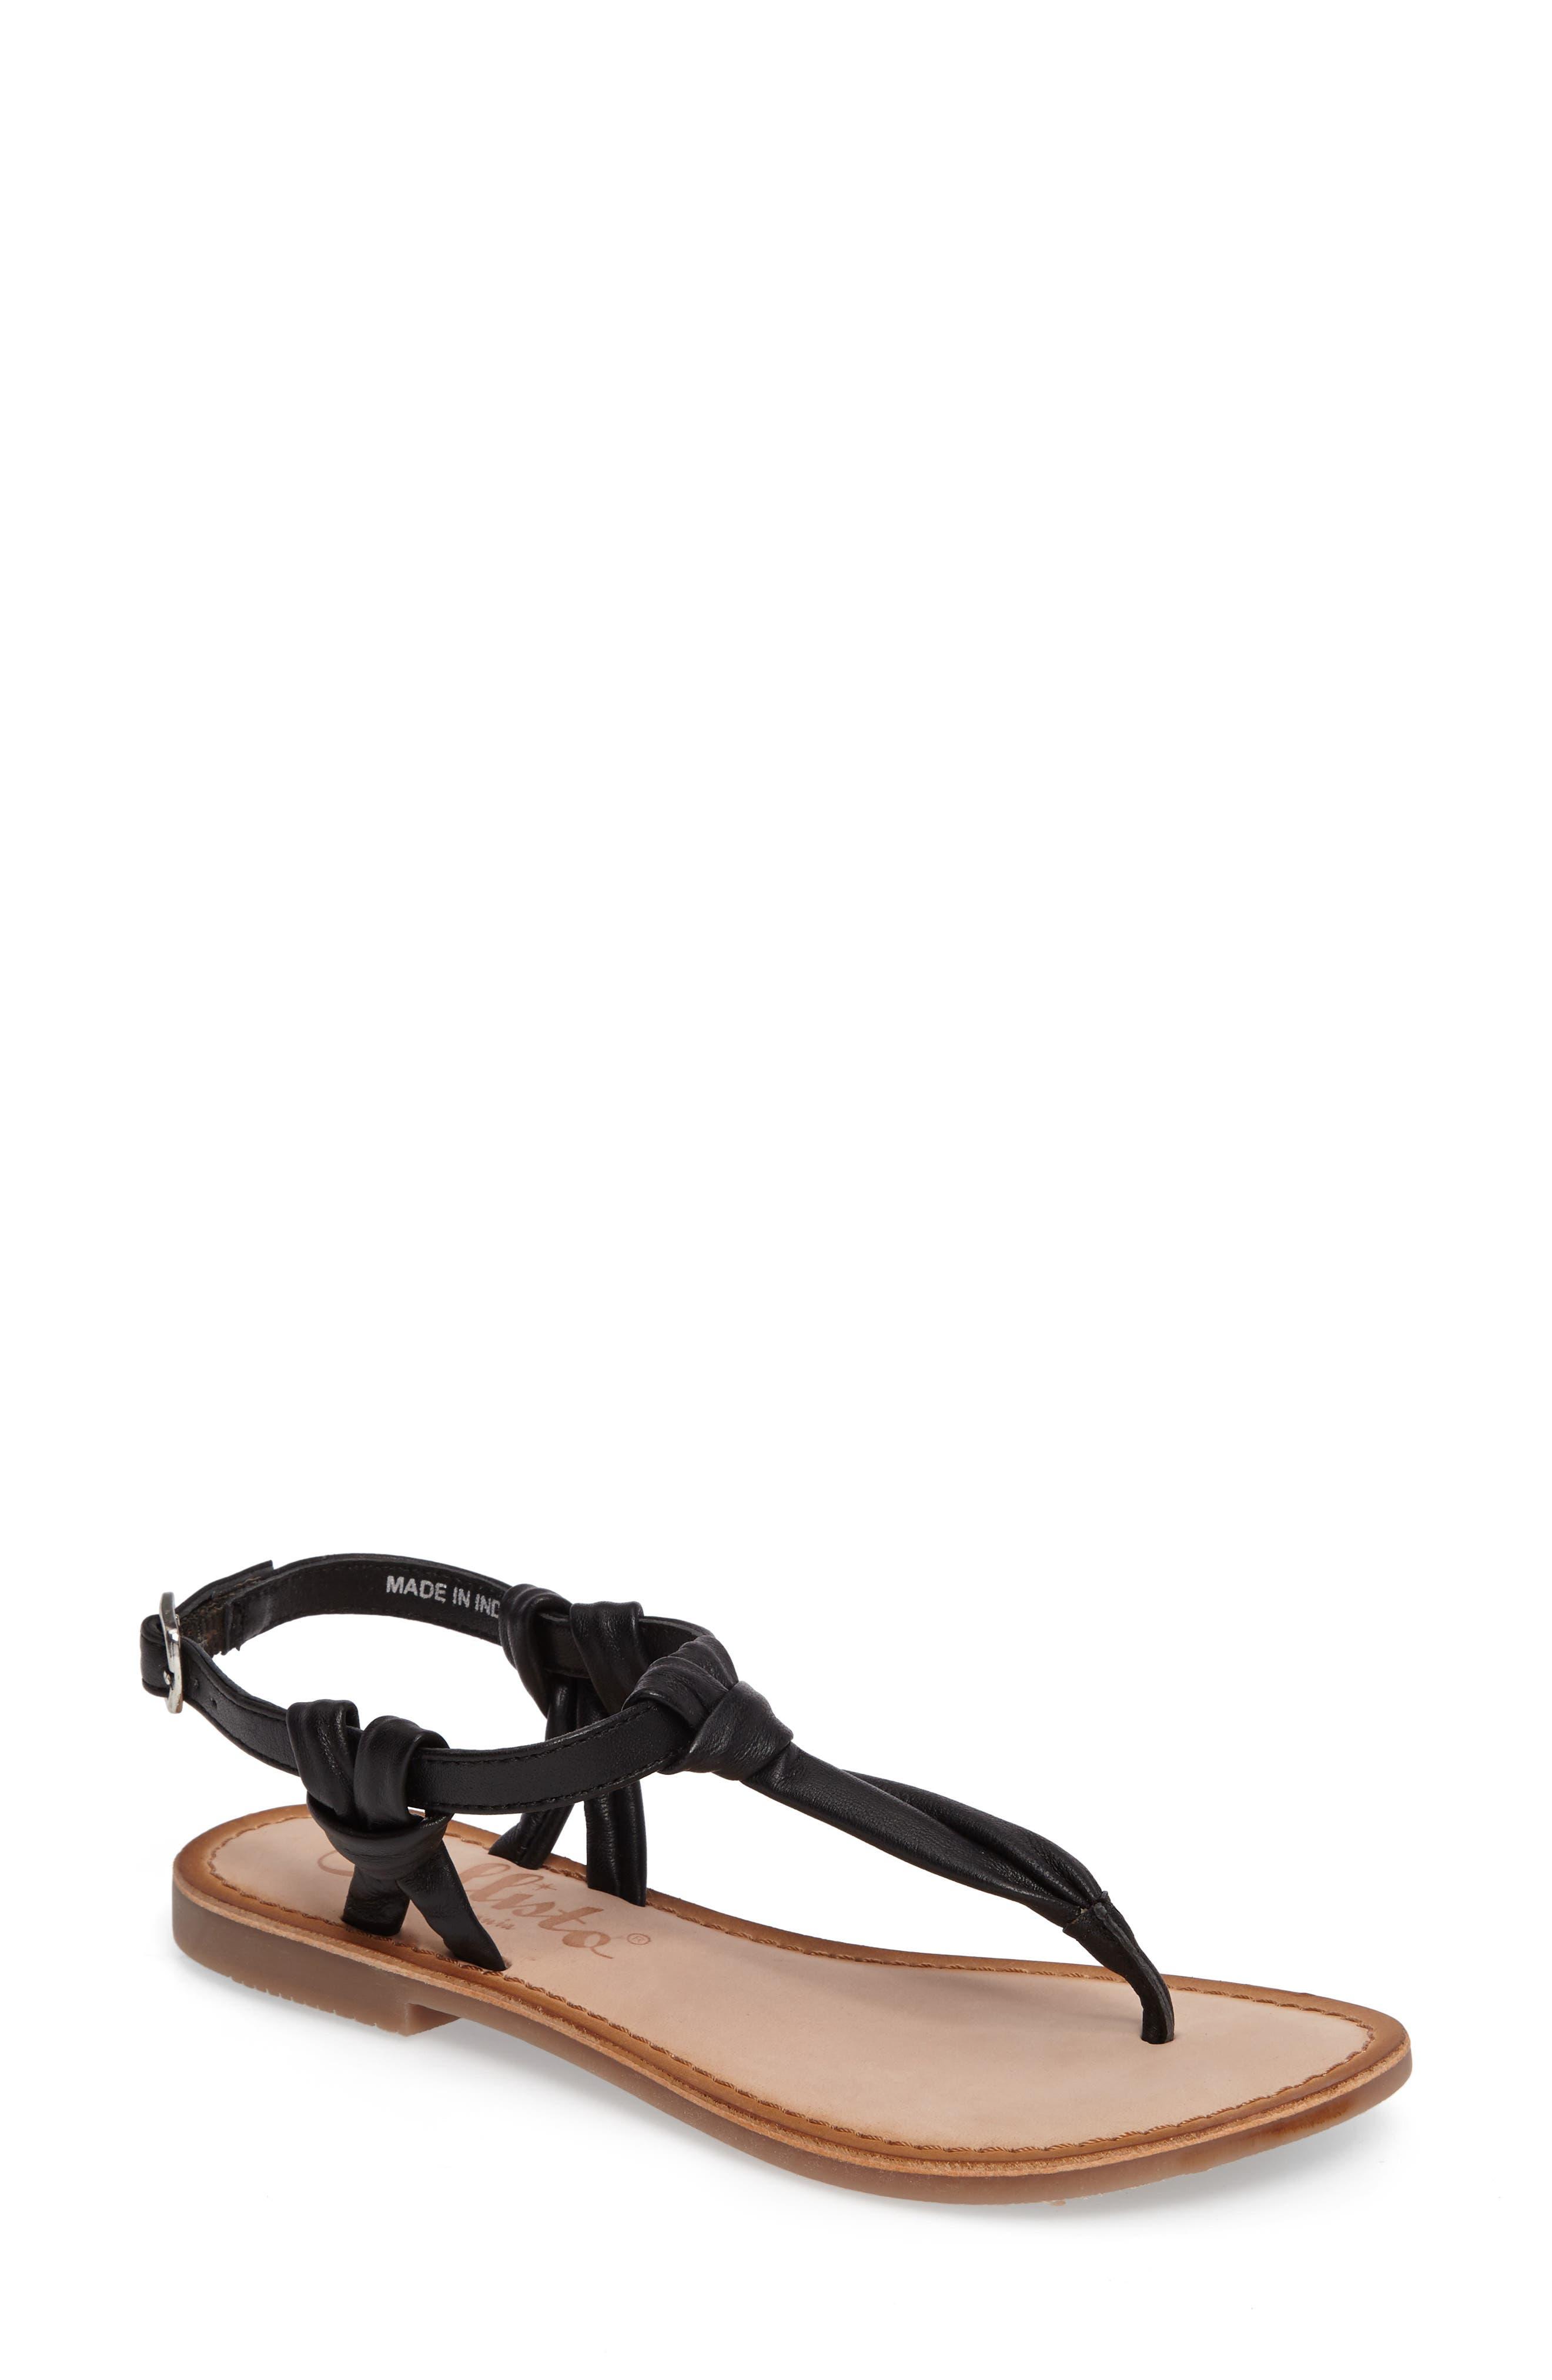 Azza T-Strap Sandal,                             Main thumbnail 1, color,                             Black Leather